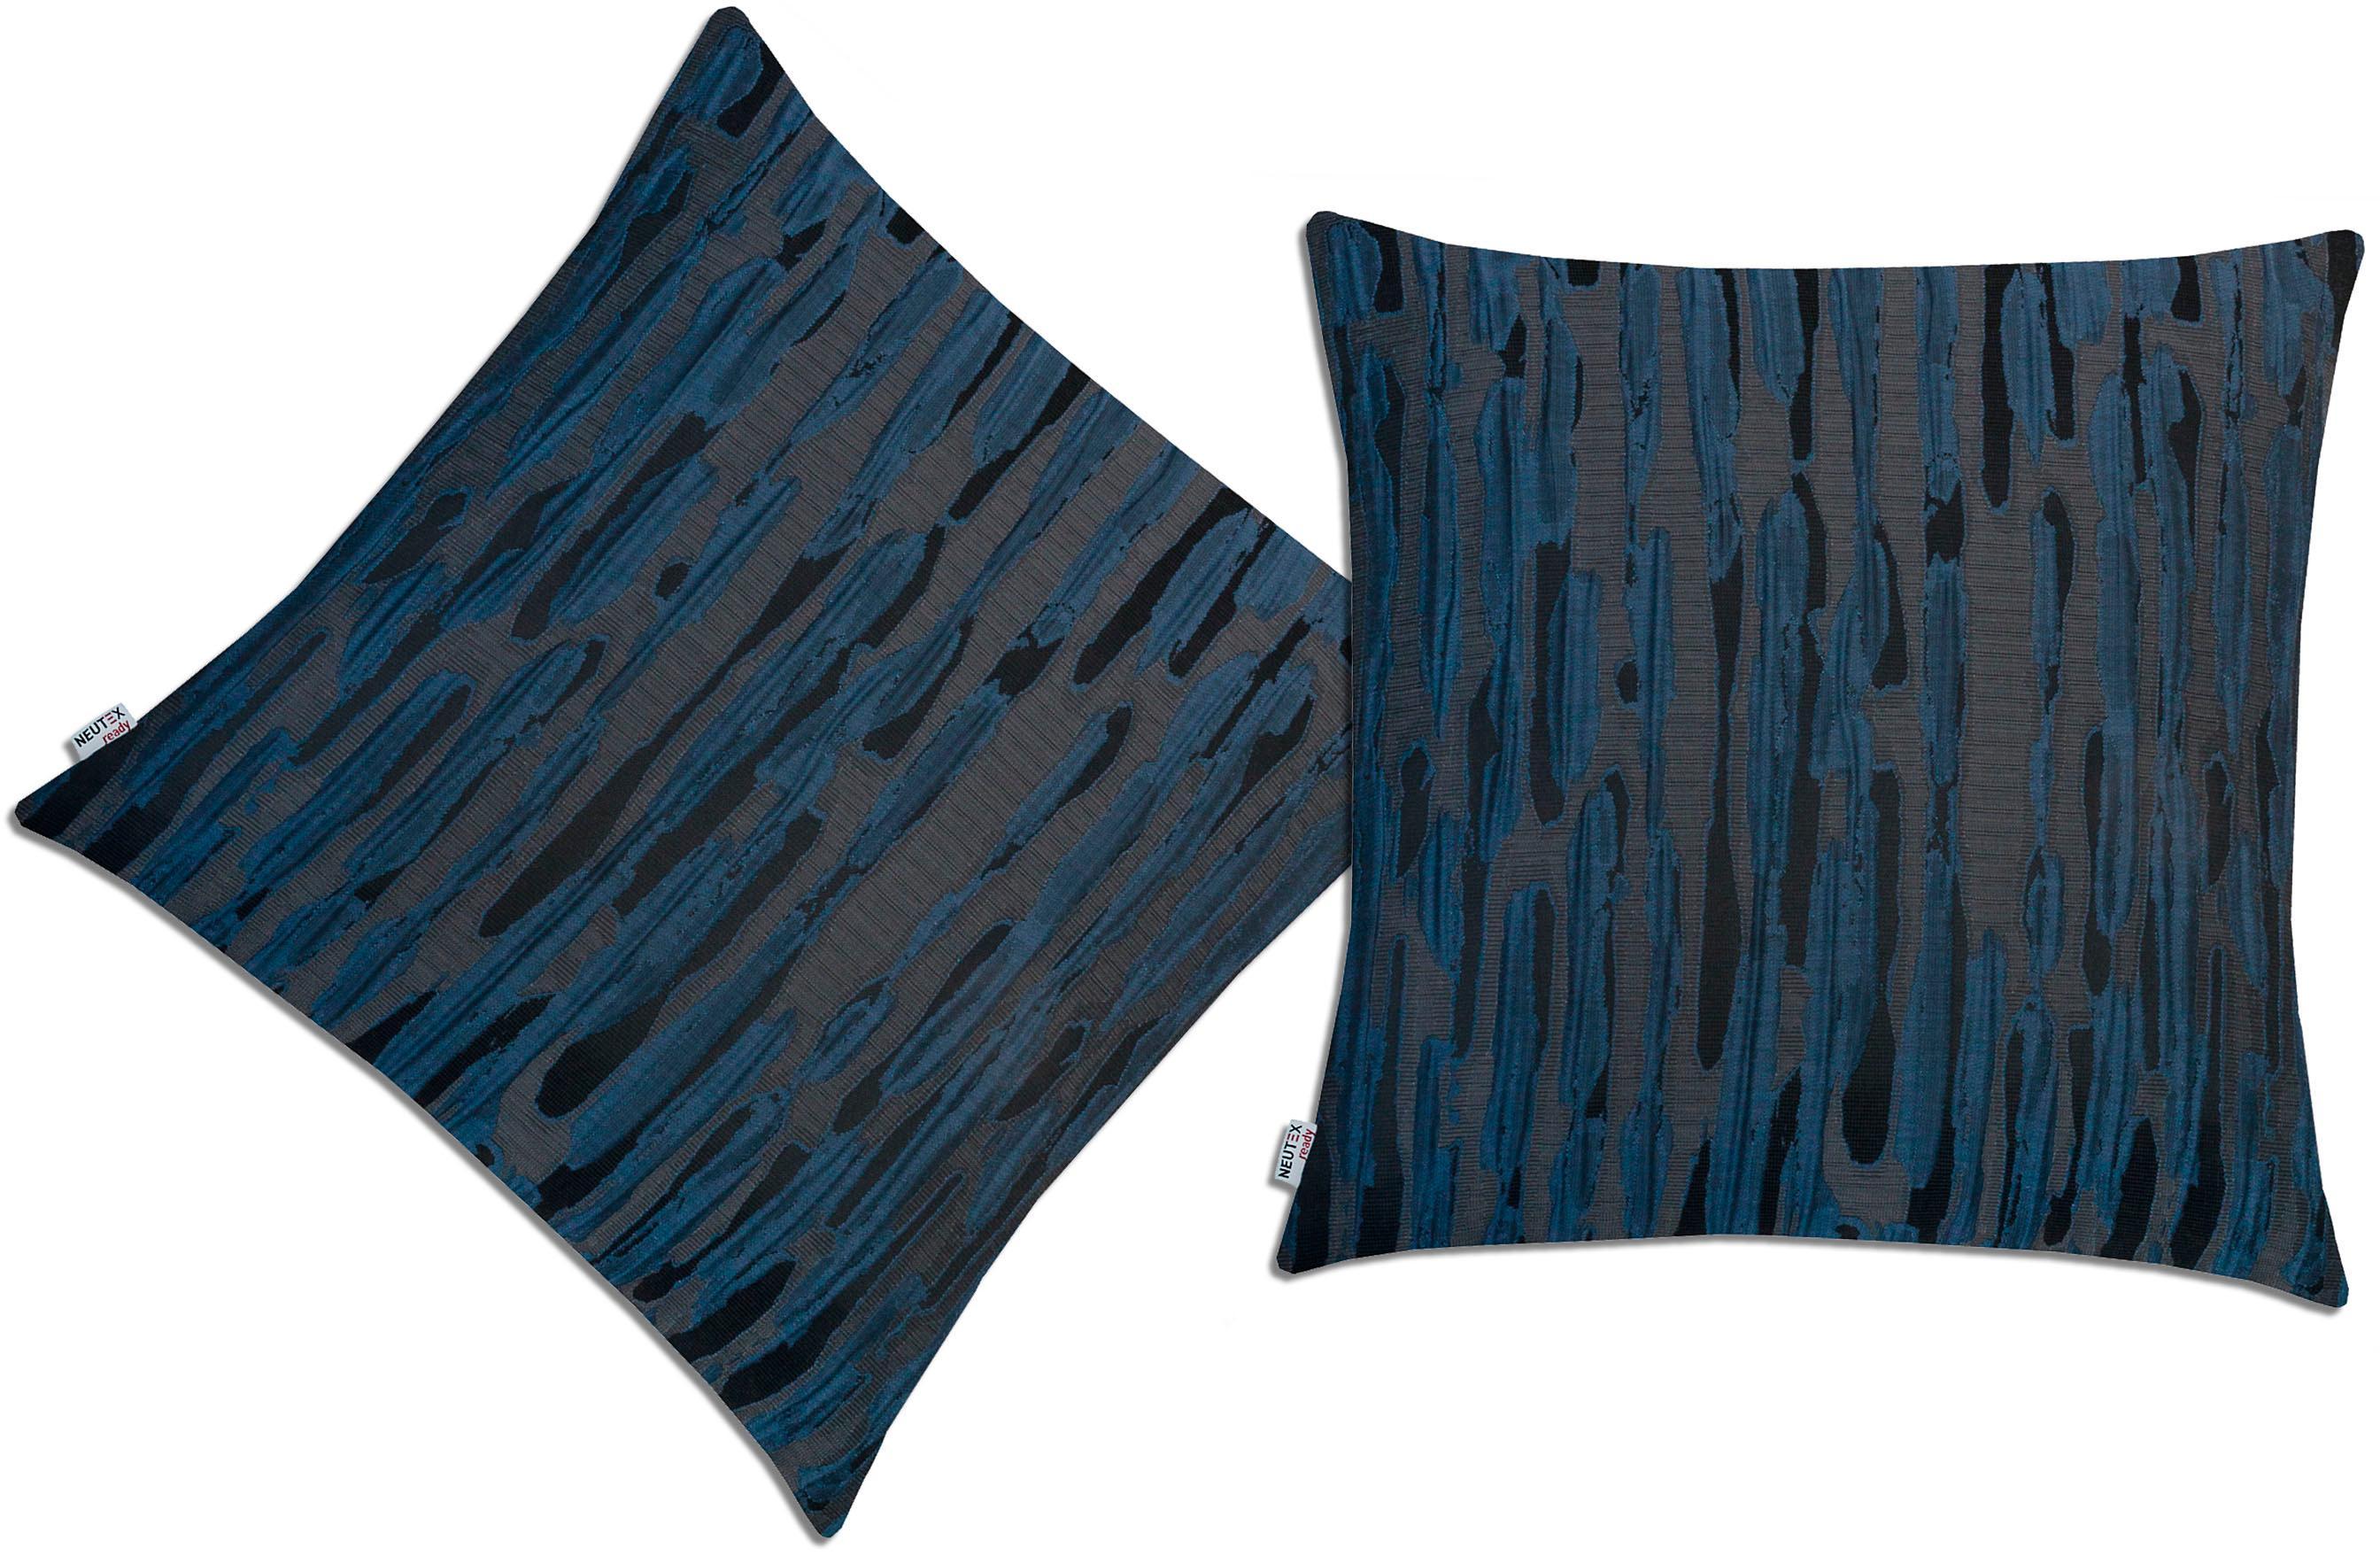 dekokissen alma deko trends auf rechnung baur. Black Bedroom Furniture Sets. Home Design Ideas